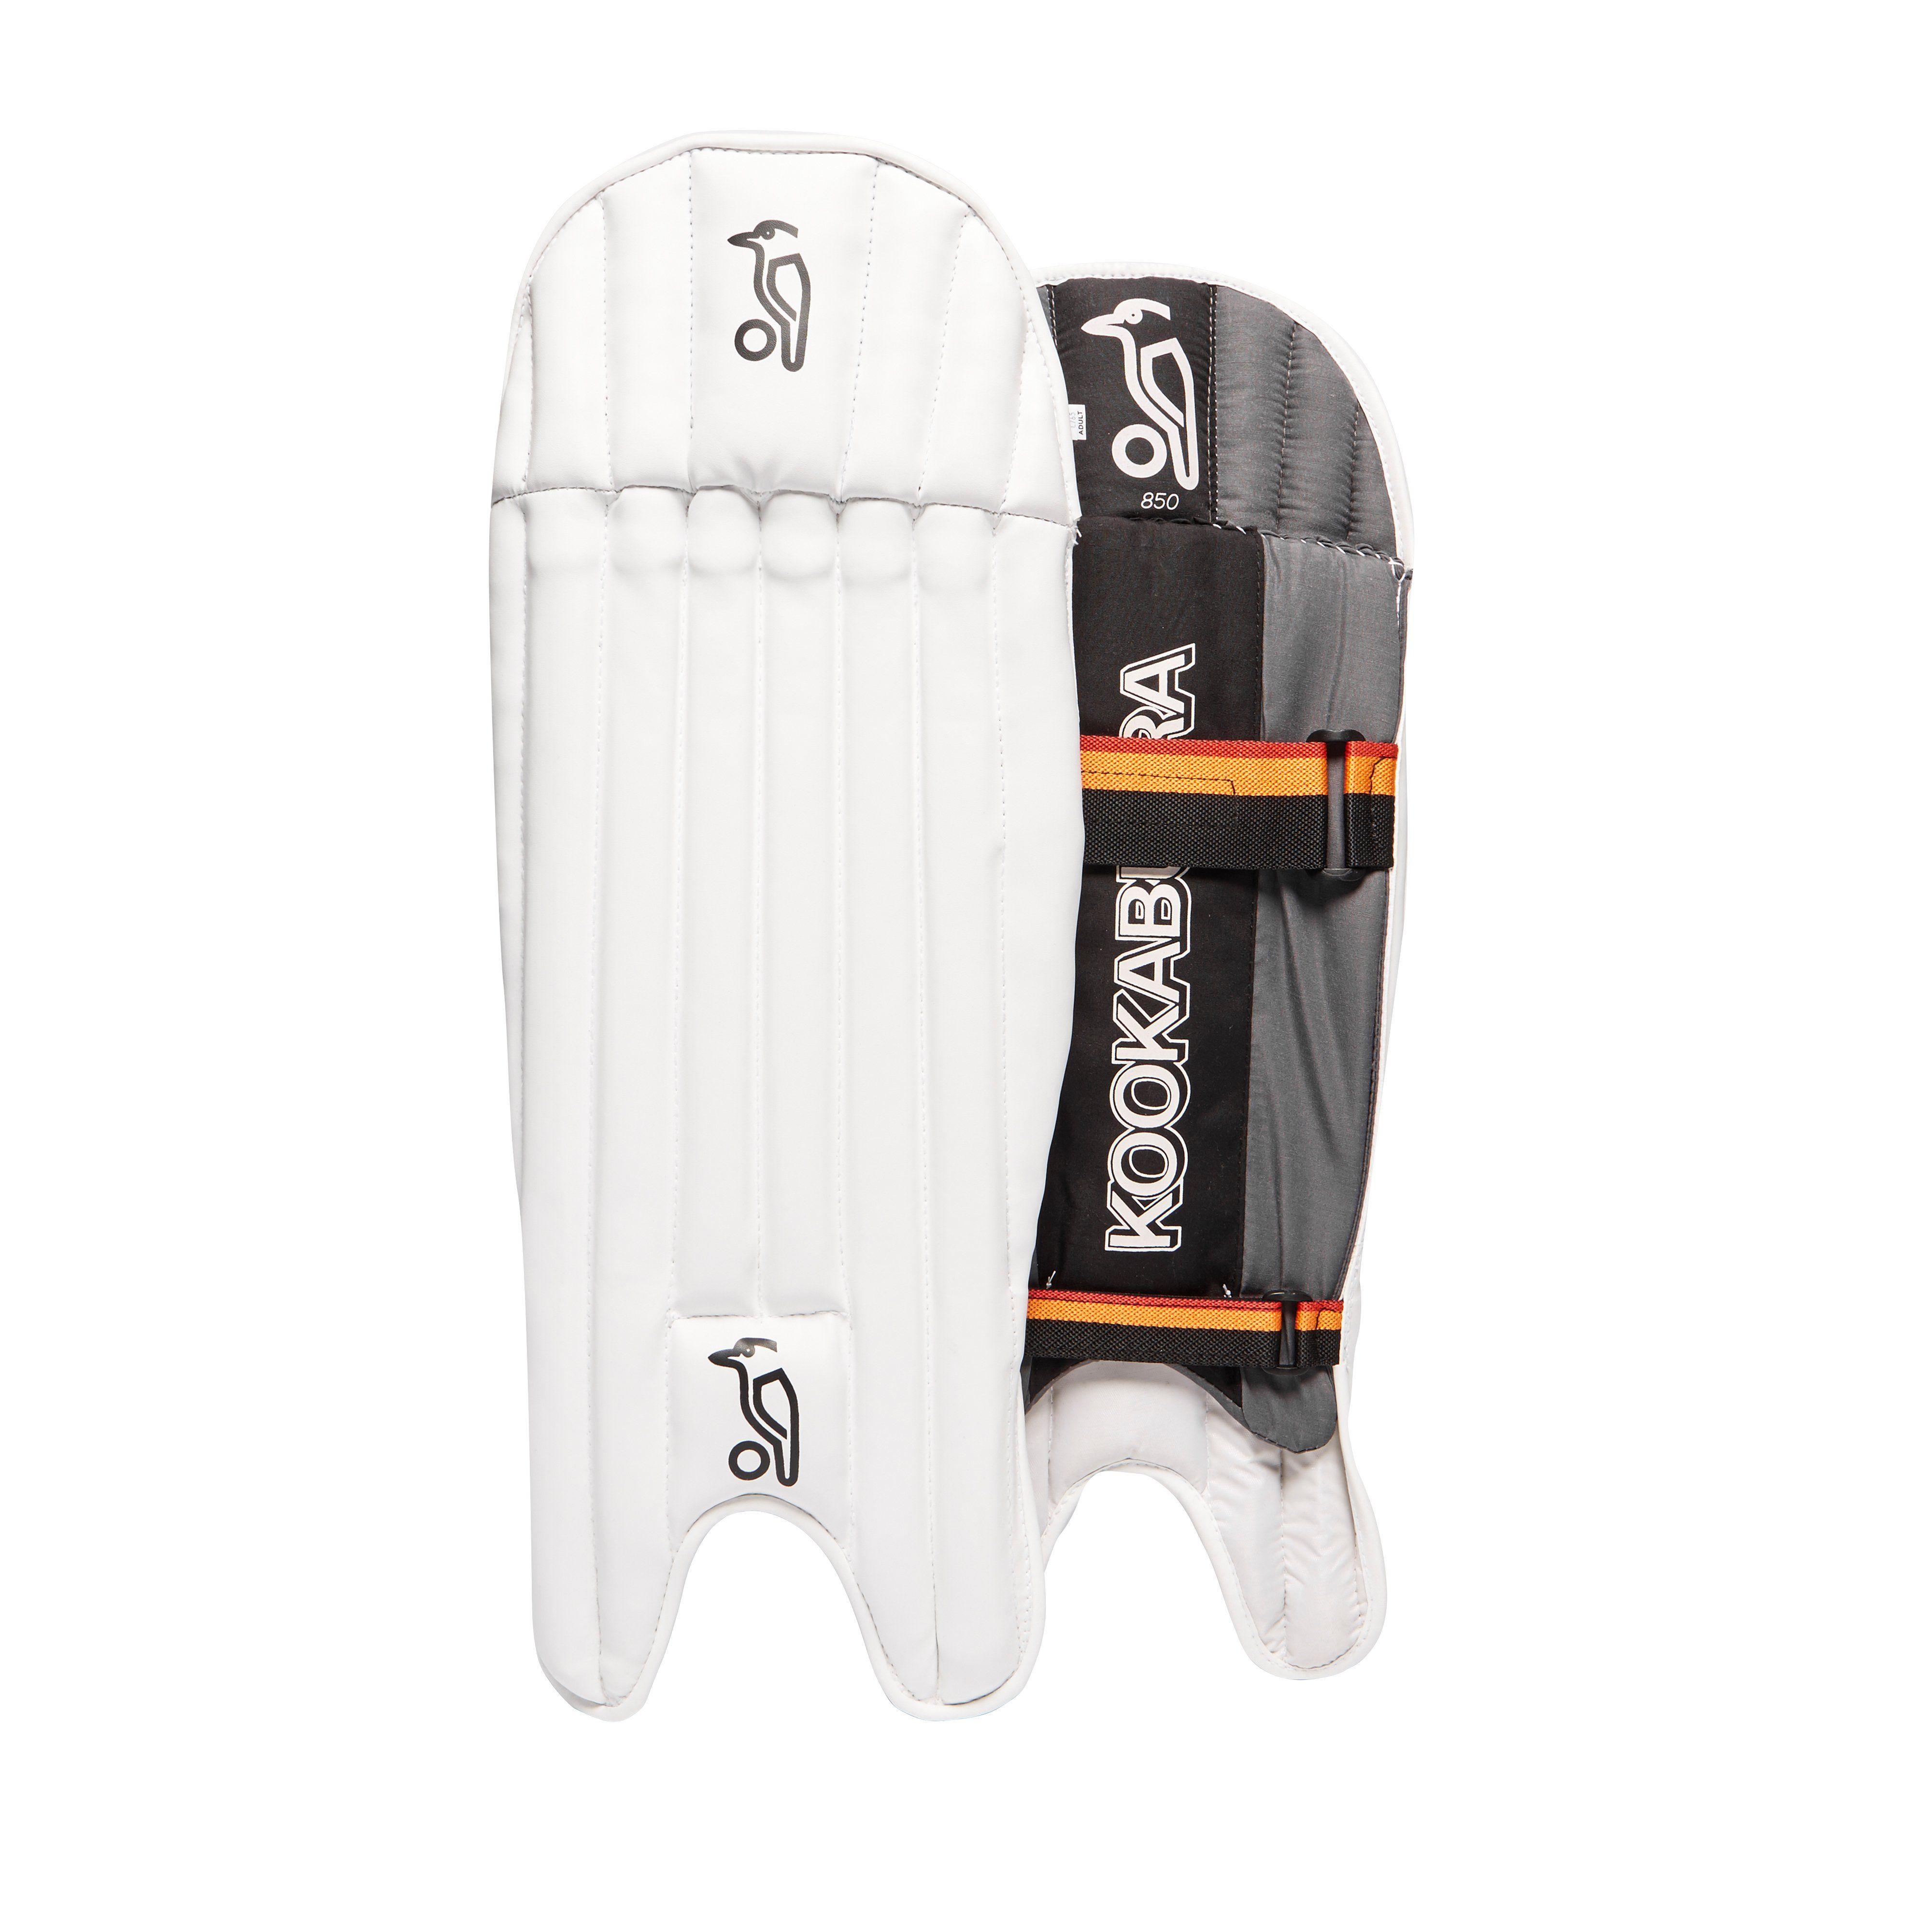 Kookaburra 850 Wicket Keeping Adult Pad